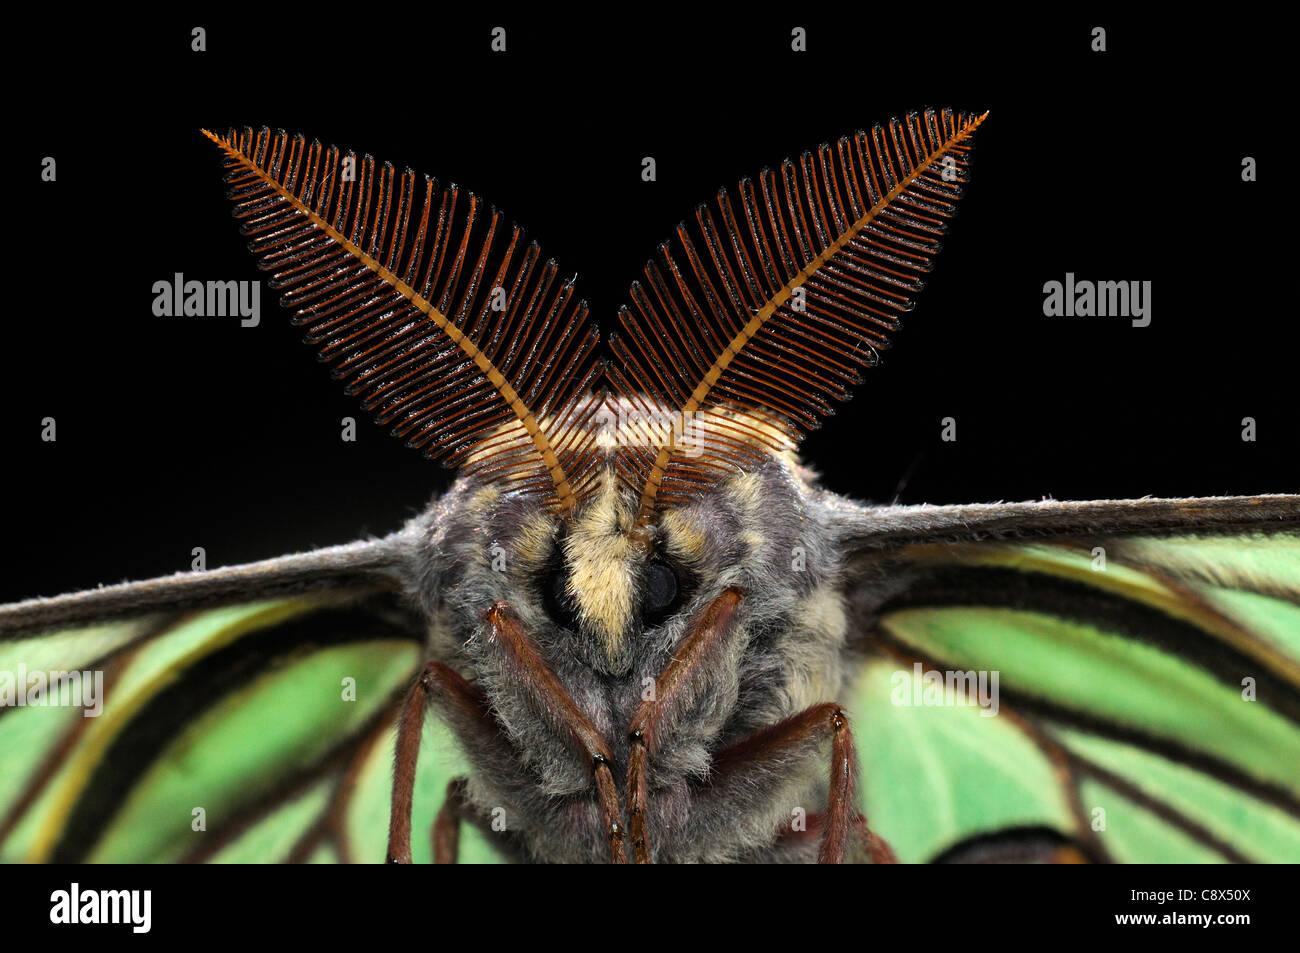 Spanish Moon Moth (Graellsia isabellae) close-up of male showing large antennae, captive bred, Europe - Stock Image